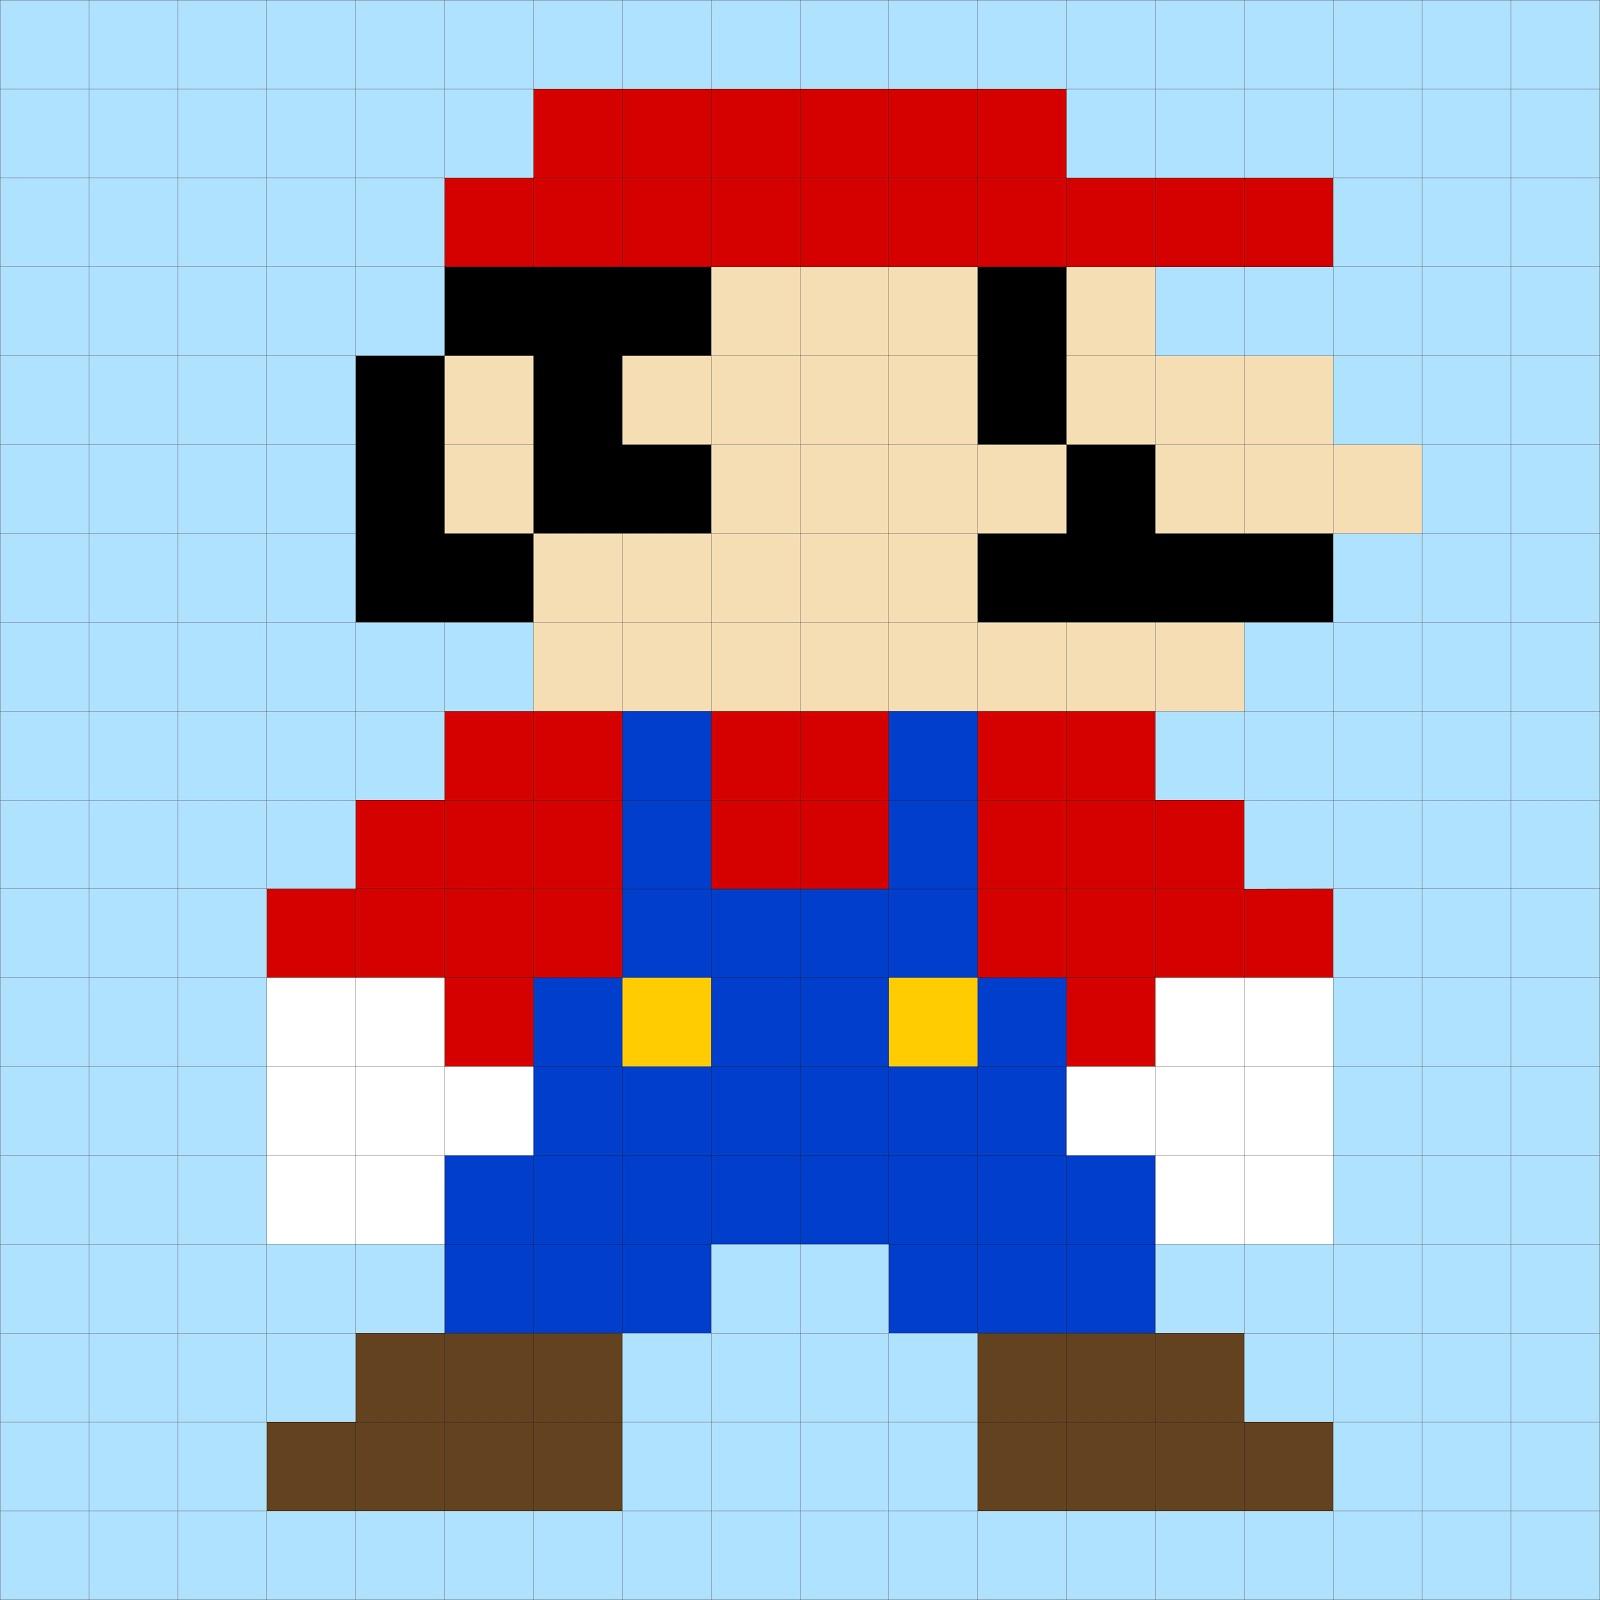 ... Mario Question Block also Cupcake Clip Art as well Mario Block. on